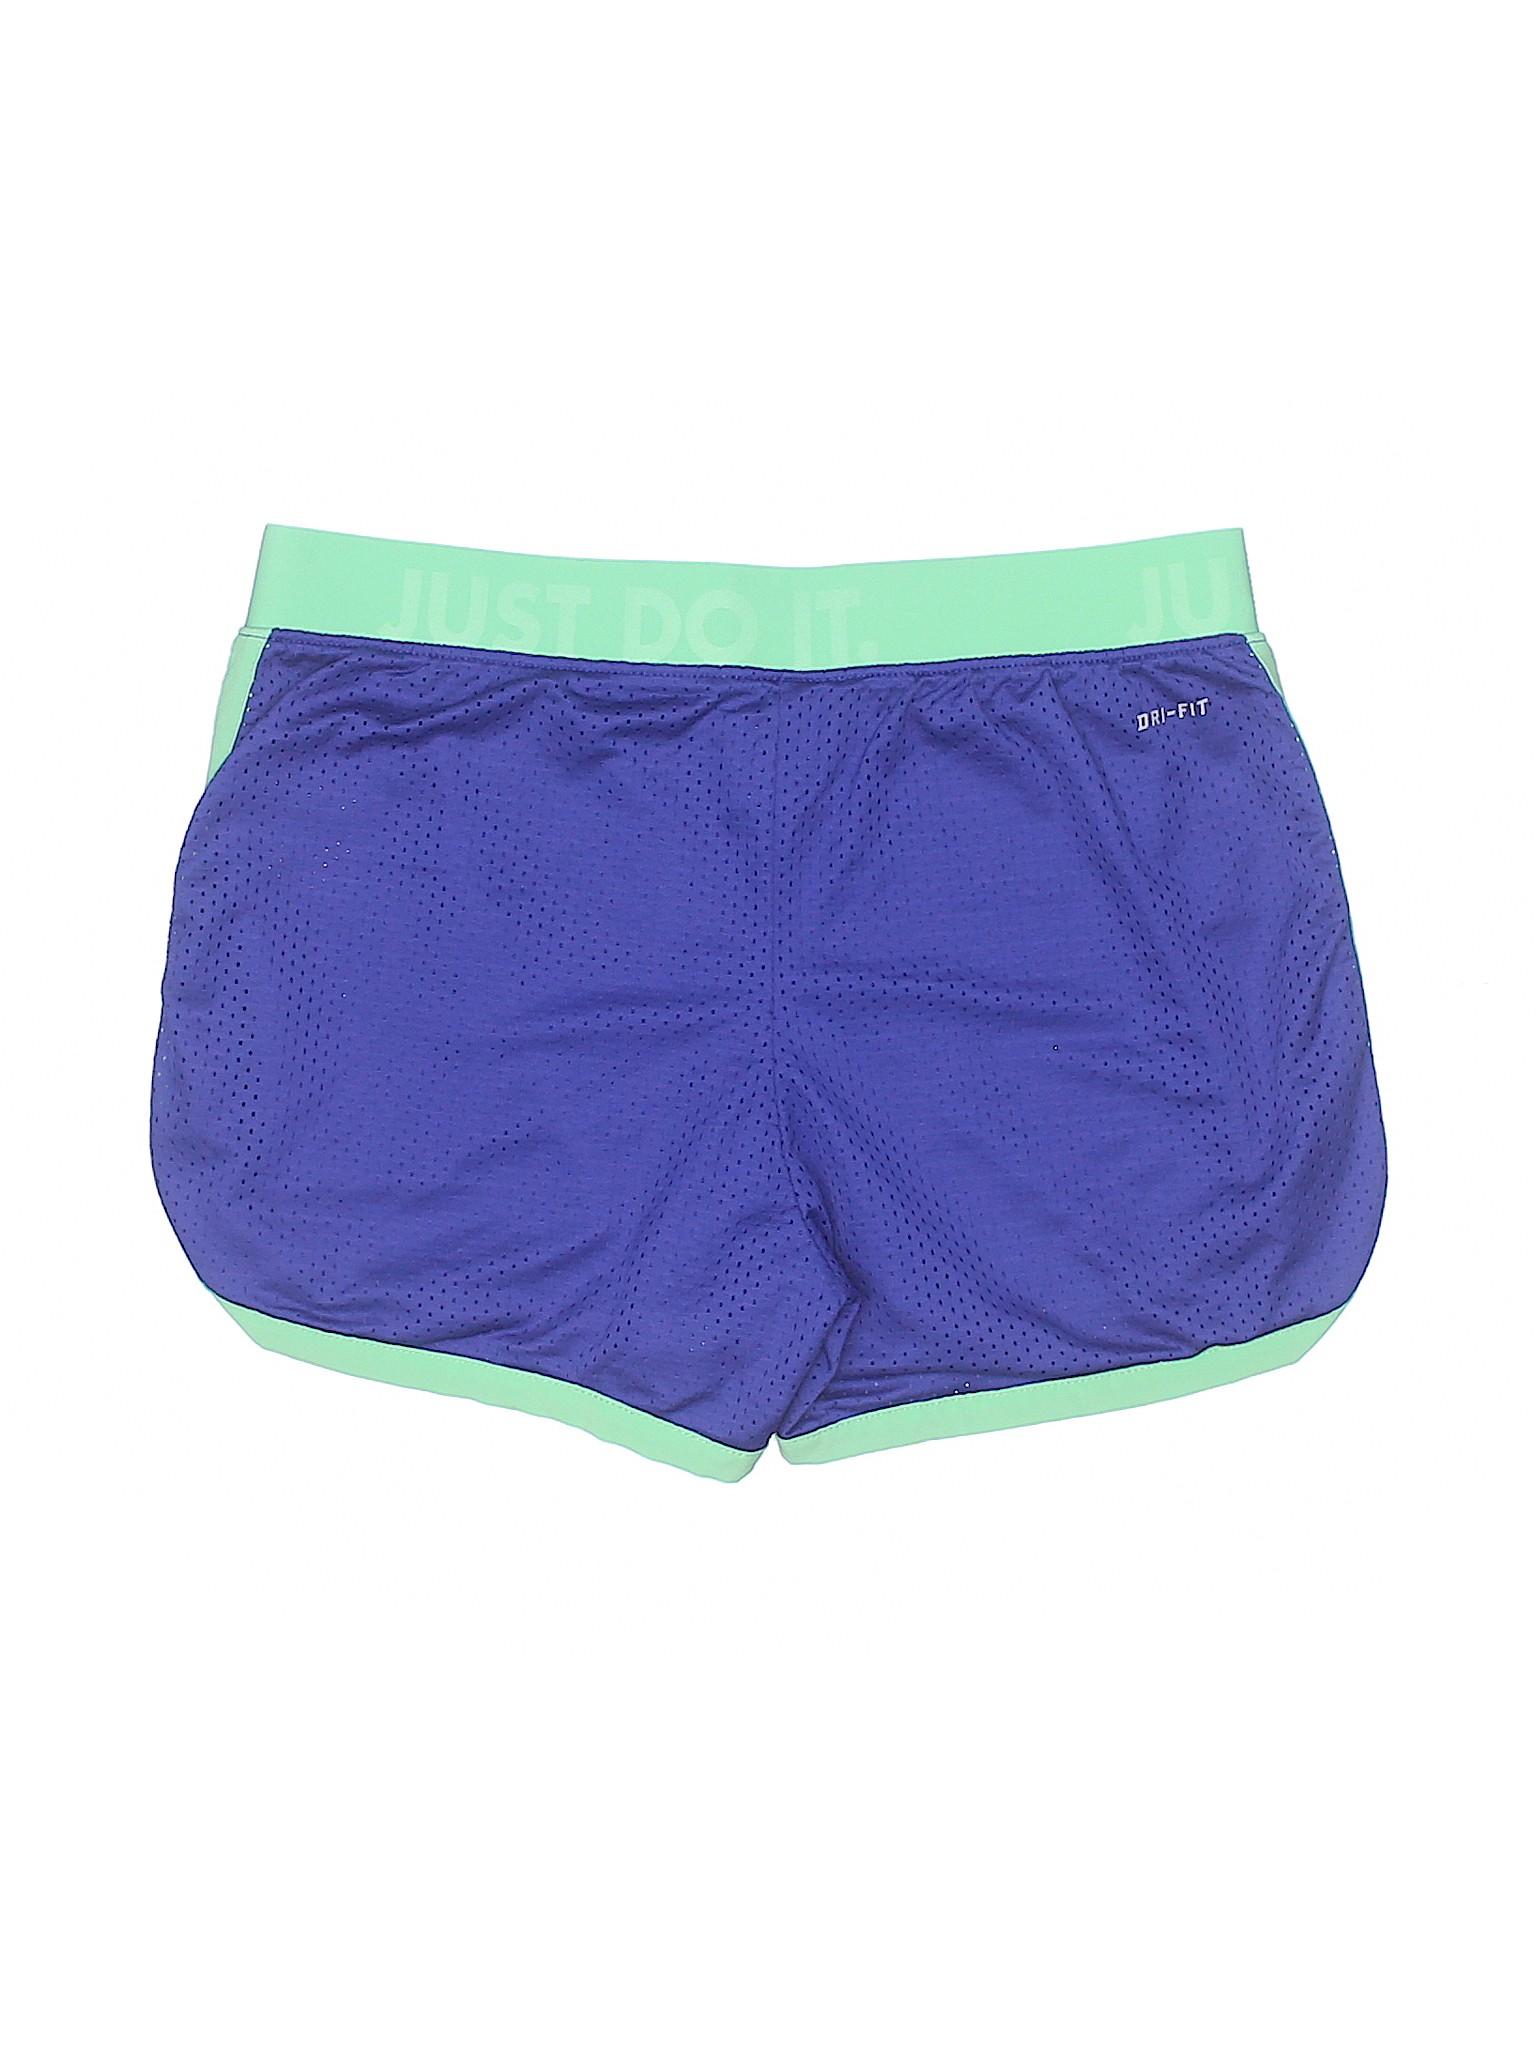 Shorts Shorts Boutique Boutique Nike Nike Athletic Nike Athletic Boutique Athletic Shorts Shorts Nike Athletic Boutique 18wUqS